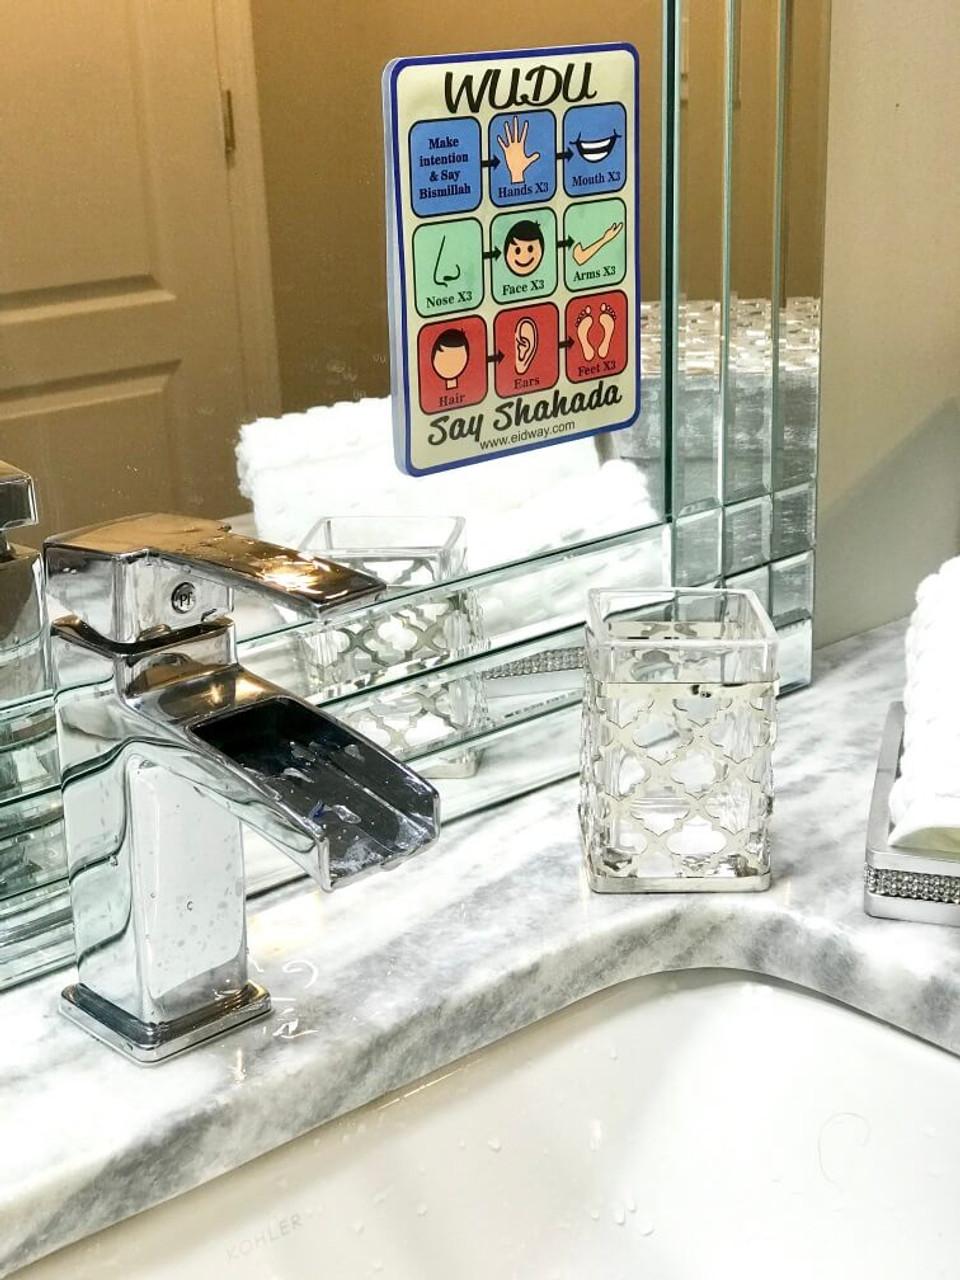 Wudu Chart Mirror Cling